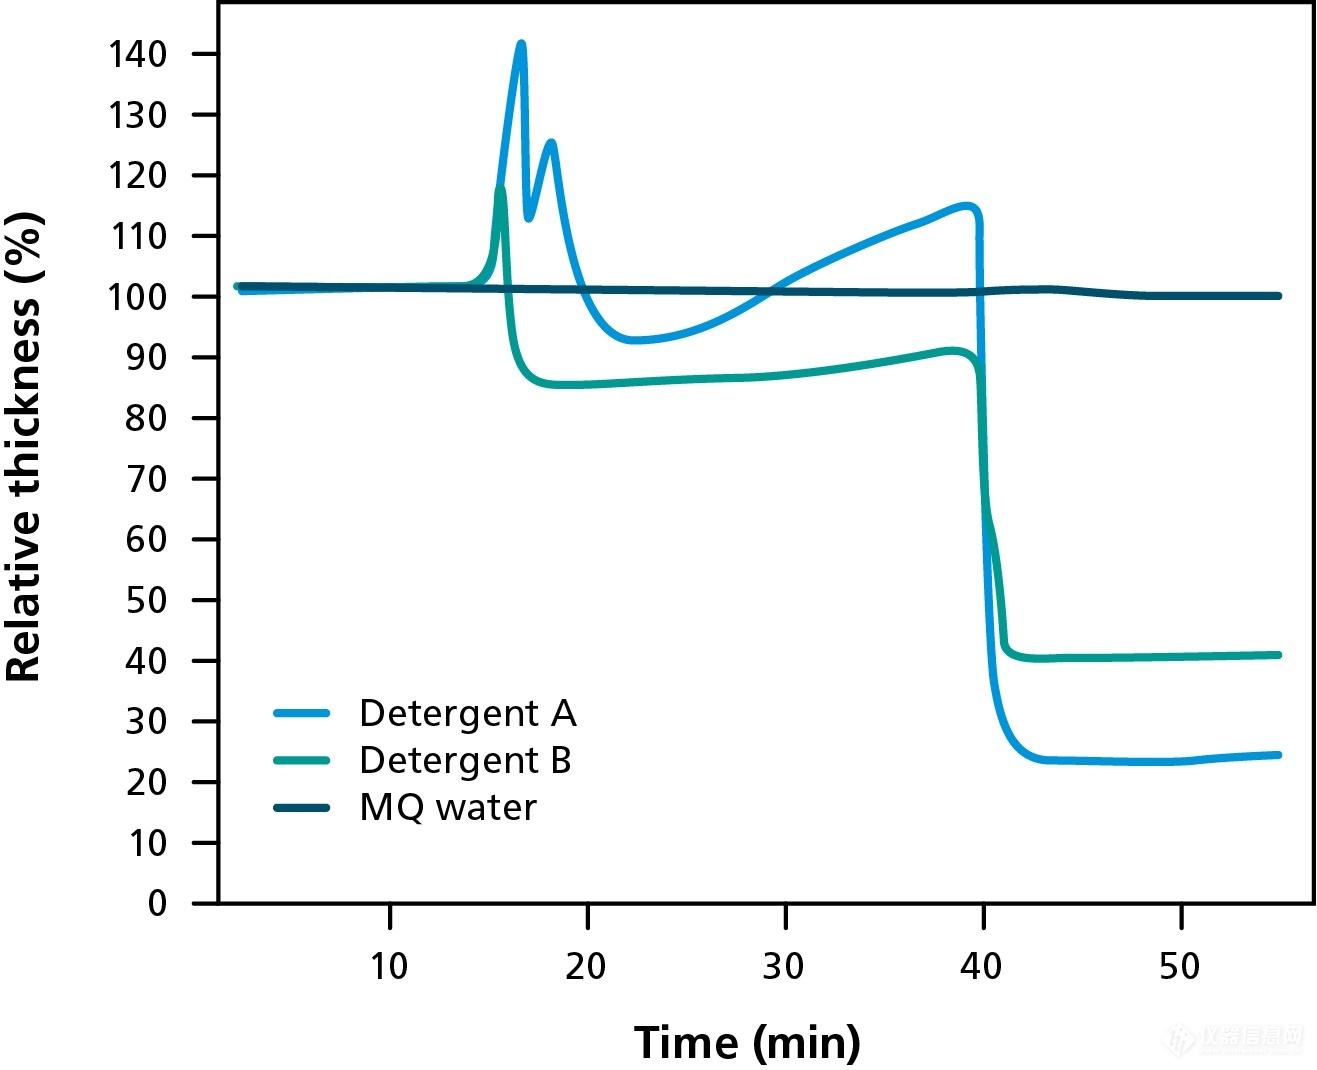 图2 油污厚度随时间变化的函数,用于评价两种不同洗涤剂的清洁效果,水被用作对照组。 薄膜降解的其他应用 除了这两个例子外,其他种类的降解可以通过测量质量损失来表征,例如酶促反应、溶解、光致降解和温度诱导降解。